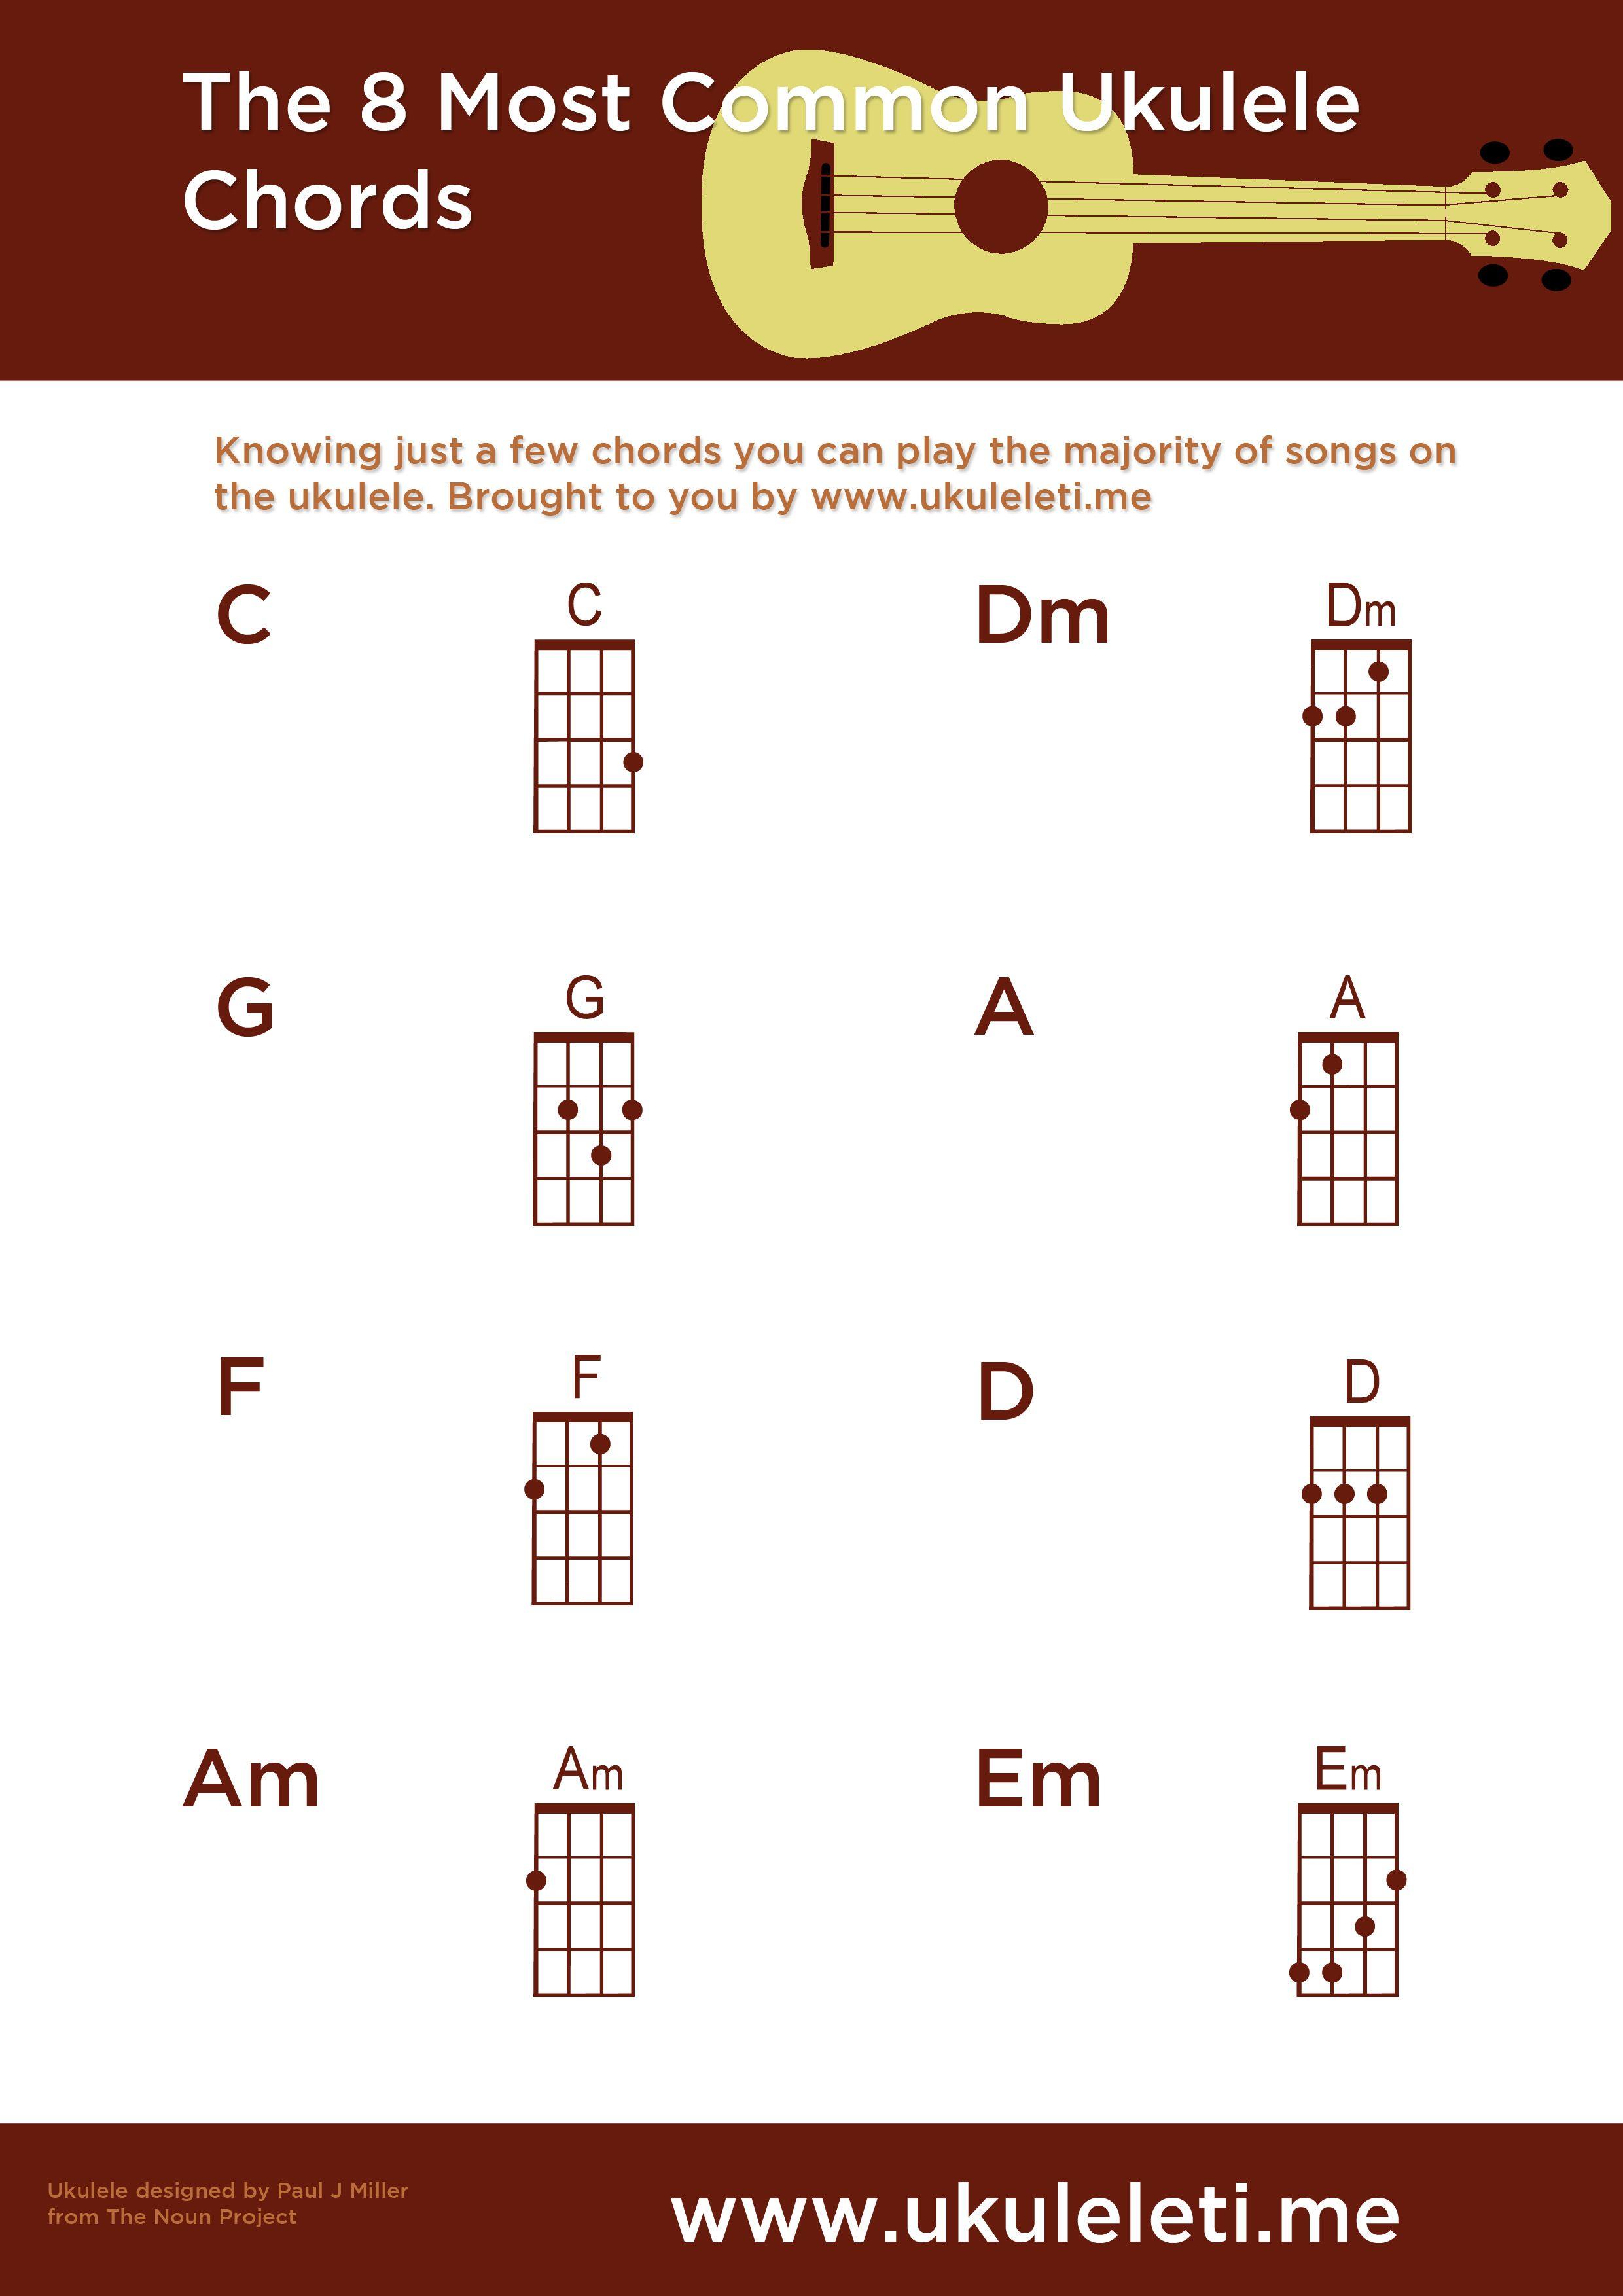 The 8 Most Common Ukulele Chords